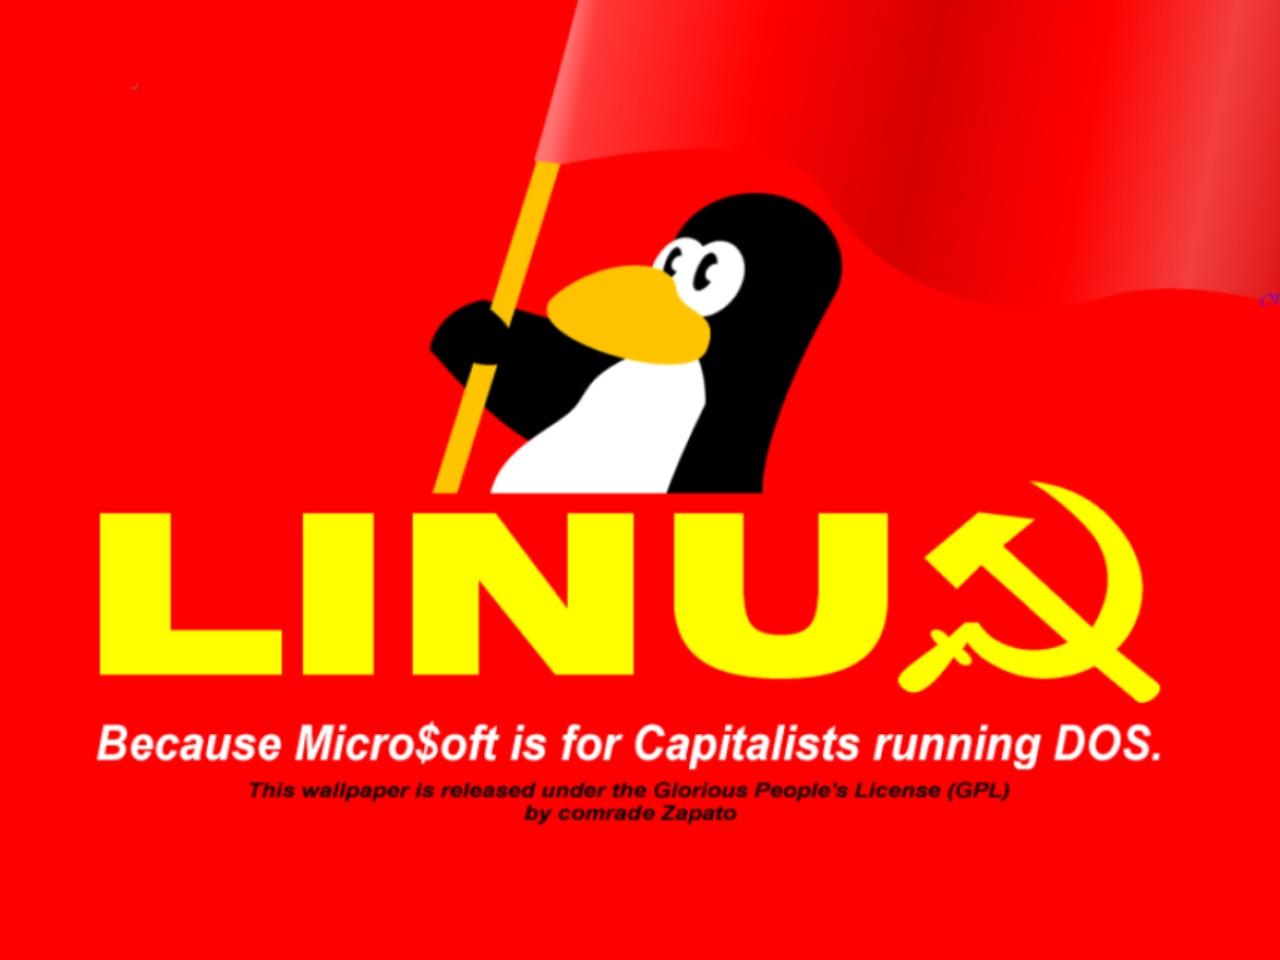 USSR LINUX Wallpaper, скачать фото, обои для рабочего стола, пингвин